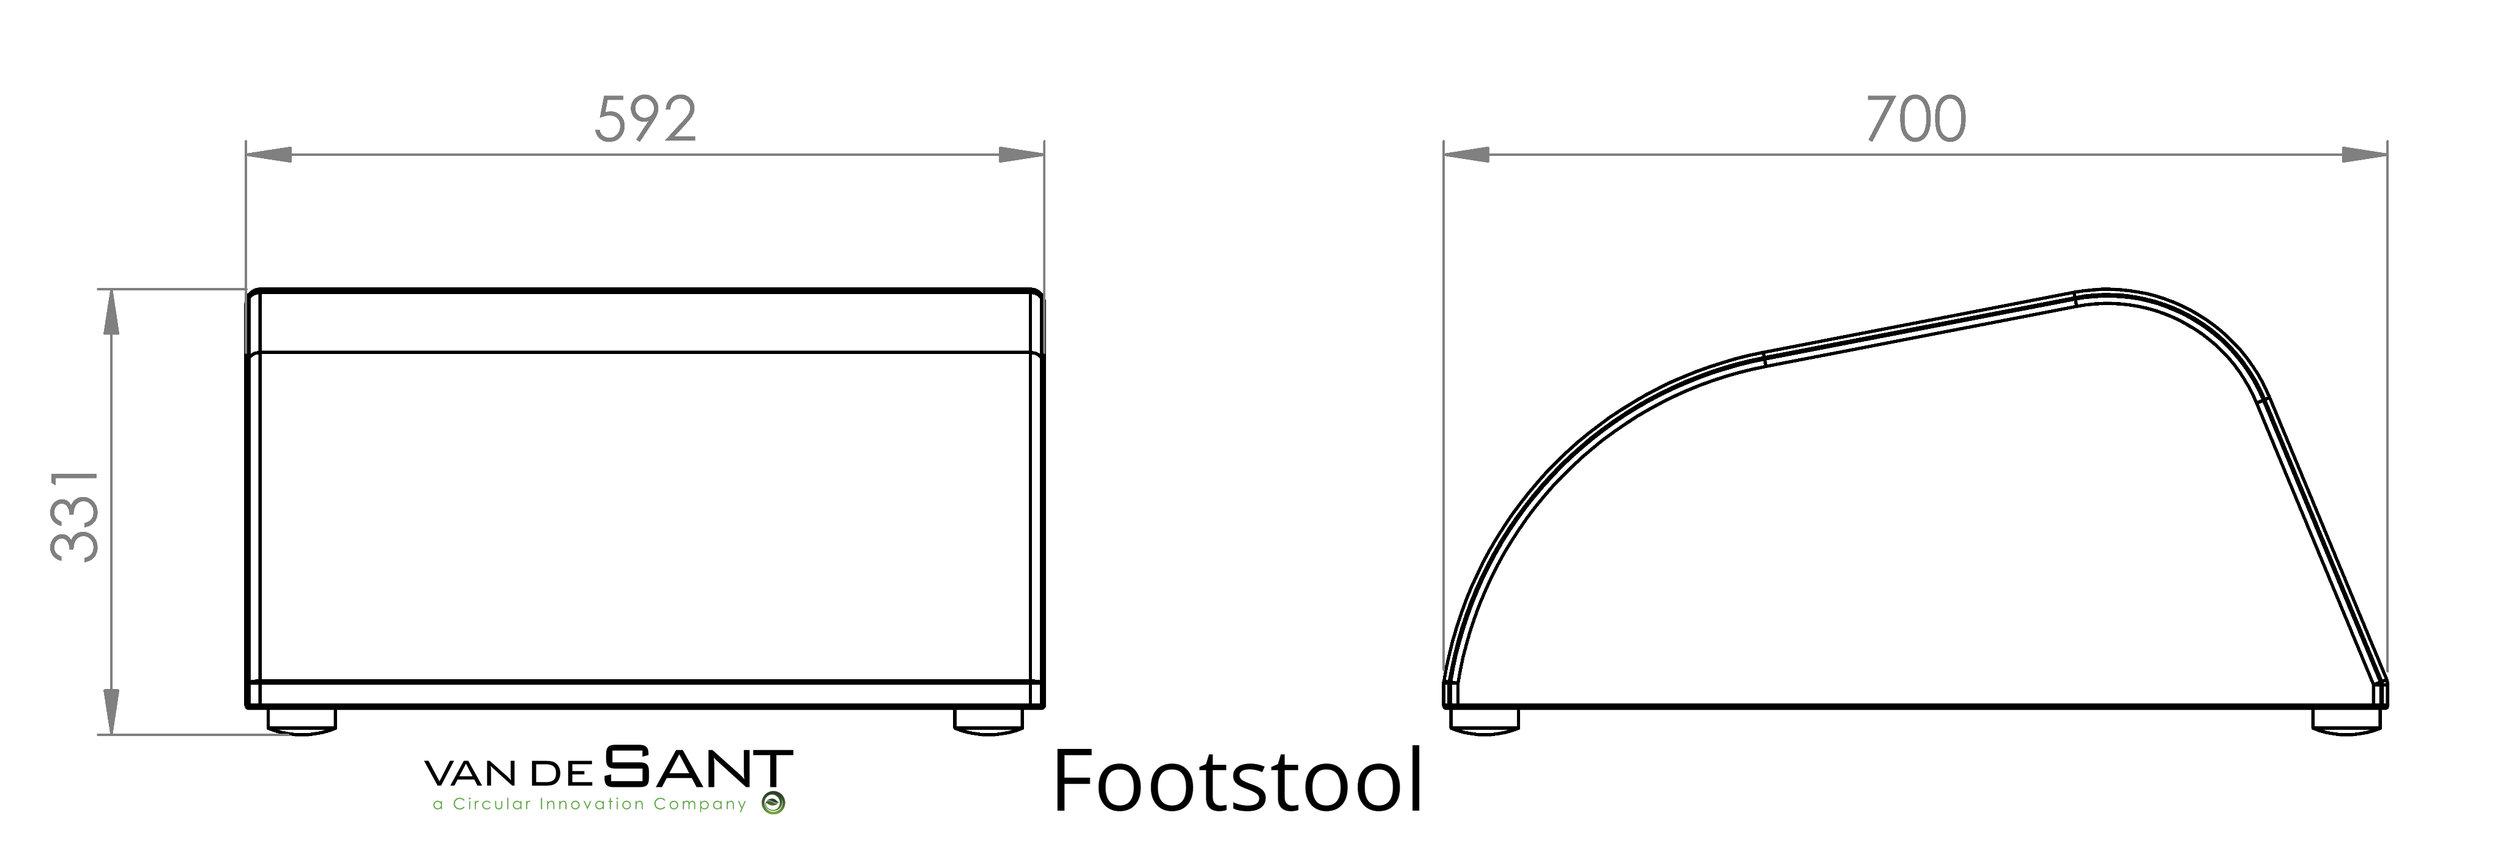 VDS-toronto footstool-HA01.JPG